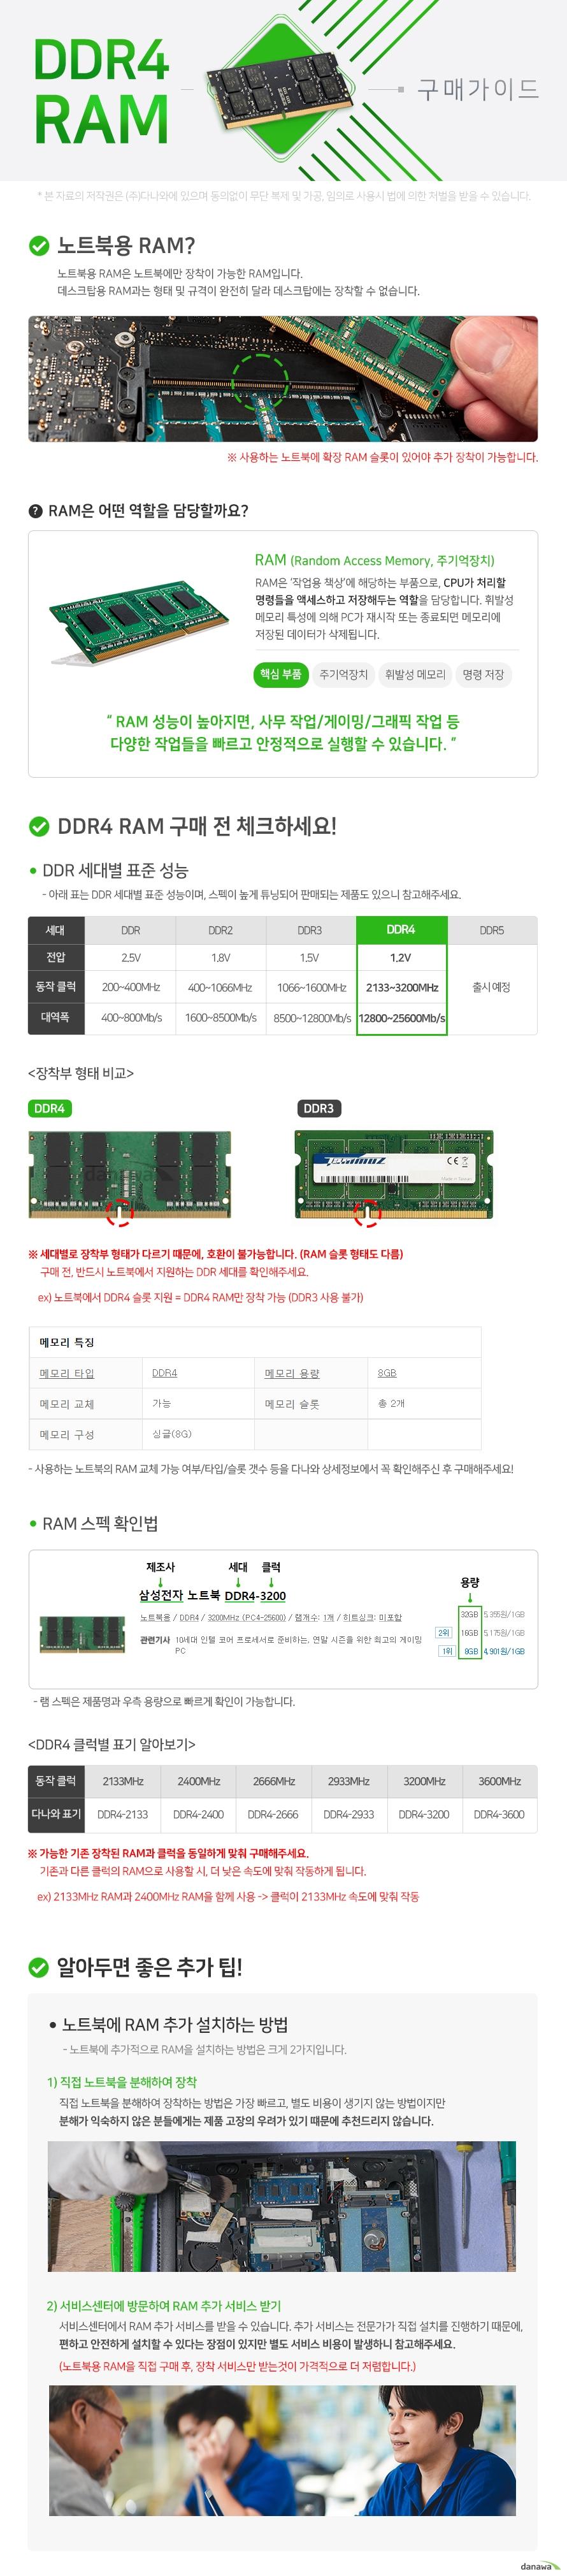 타무즈 노트북 DDR4-2666 CL19 (4GB)